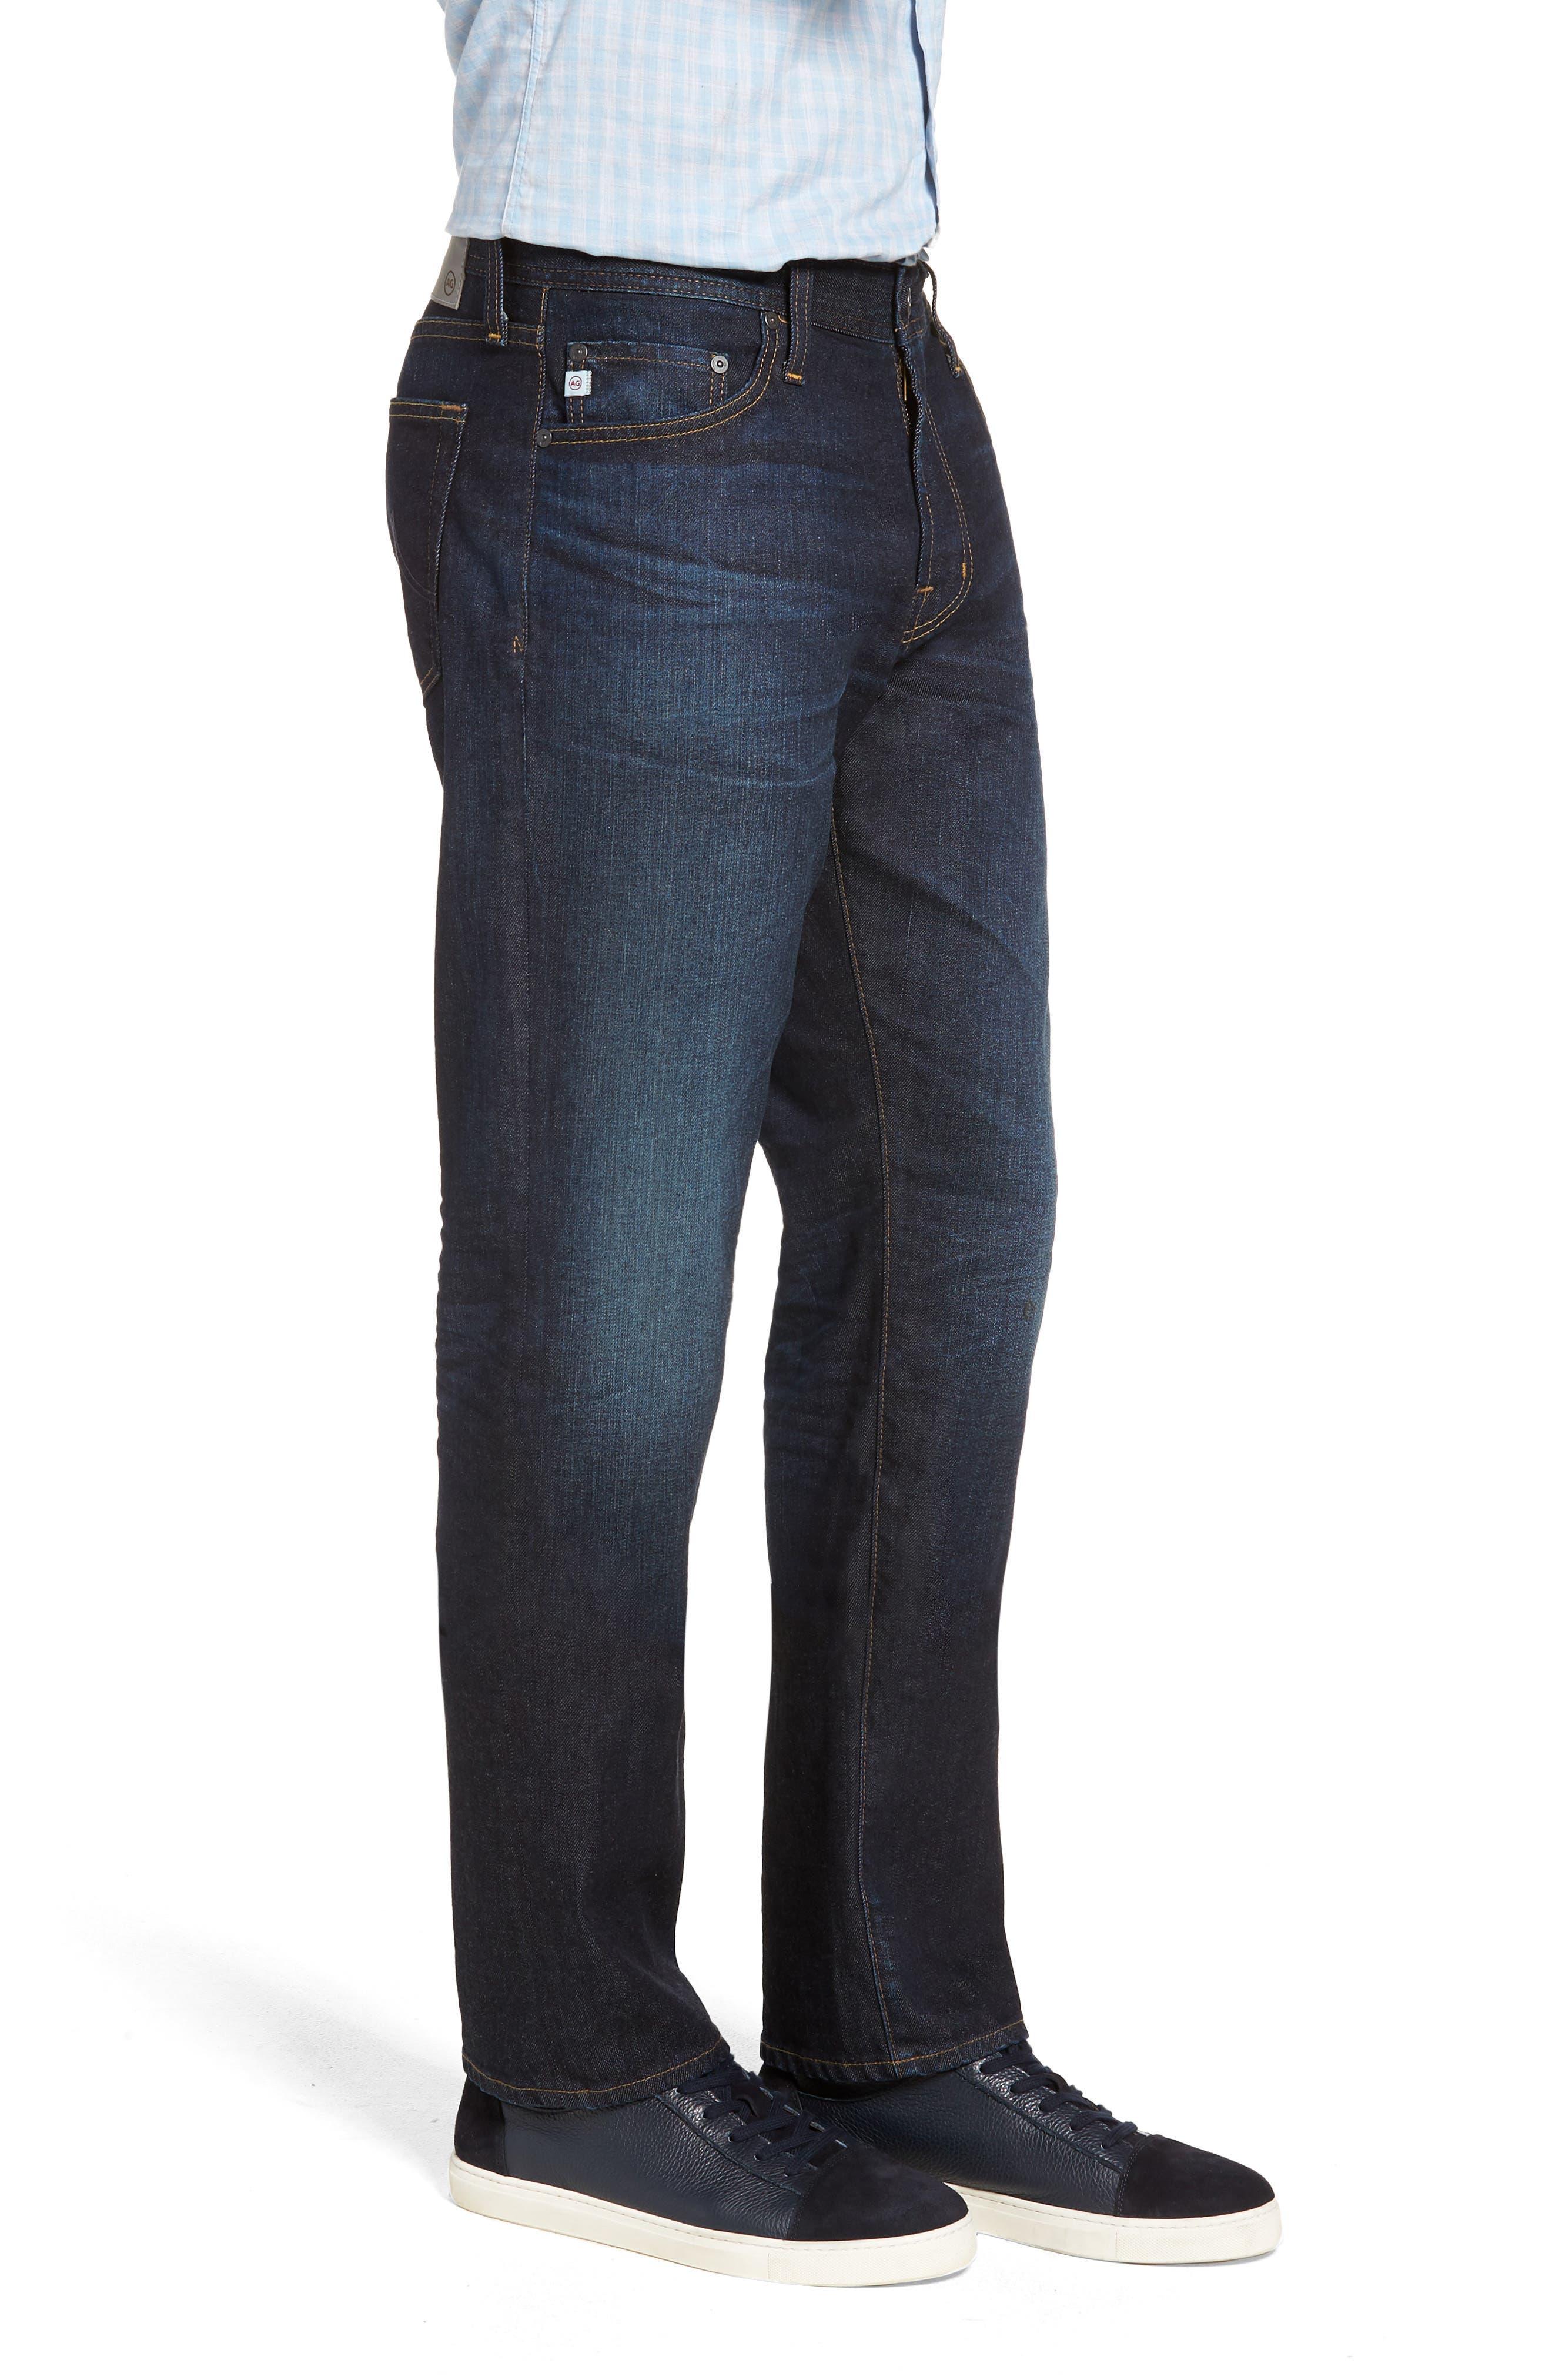 Everett Slim Straight Leg Jeans,                             Alternate thumbnail 3, color,                             5 YEARS CASINO